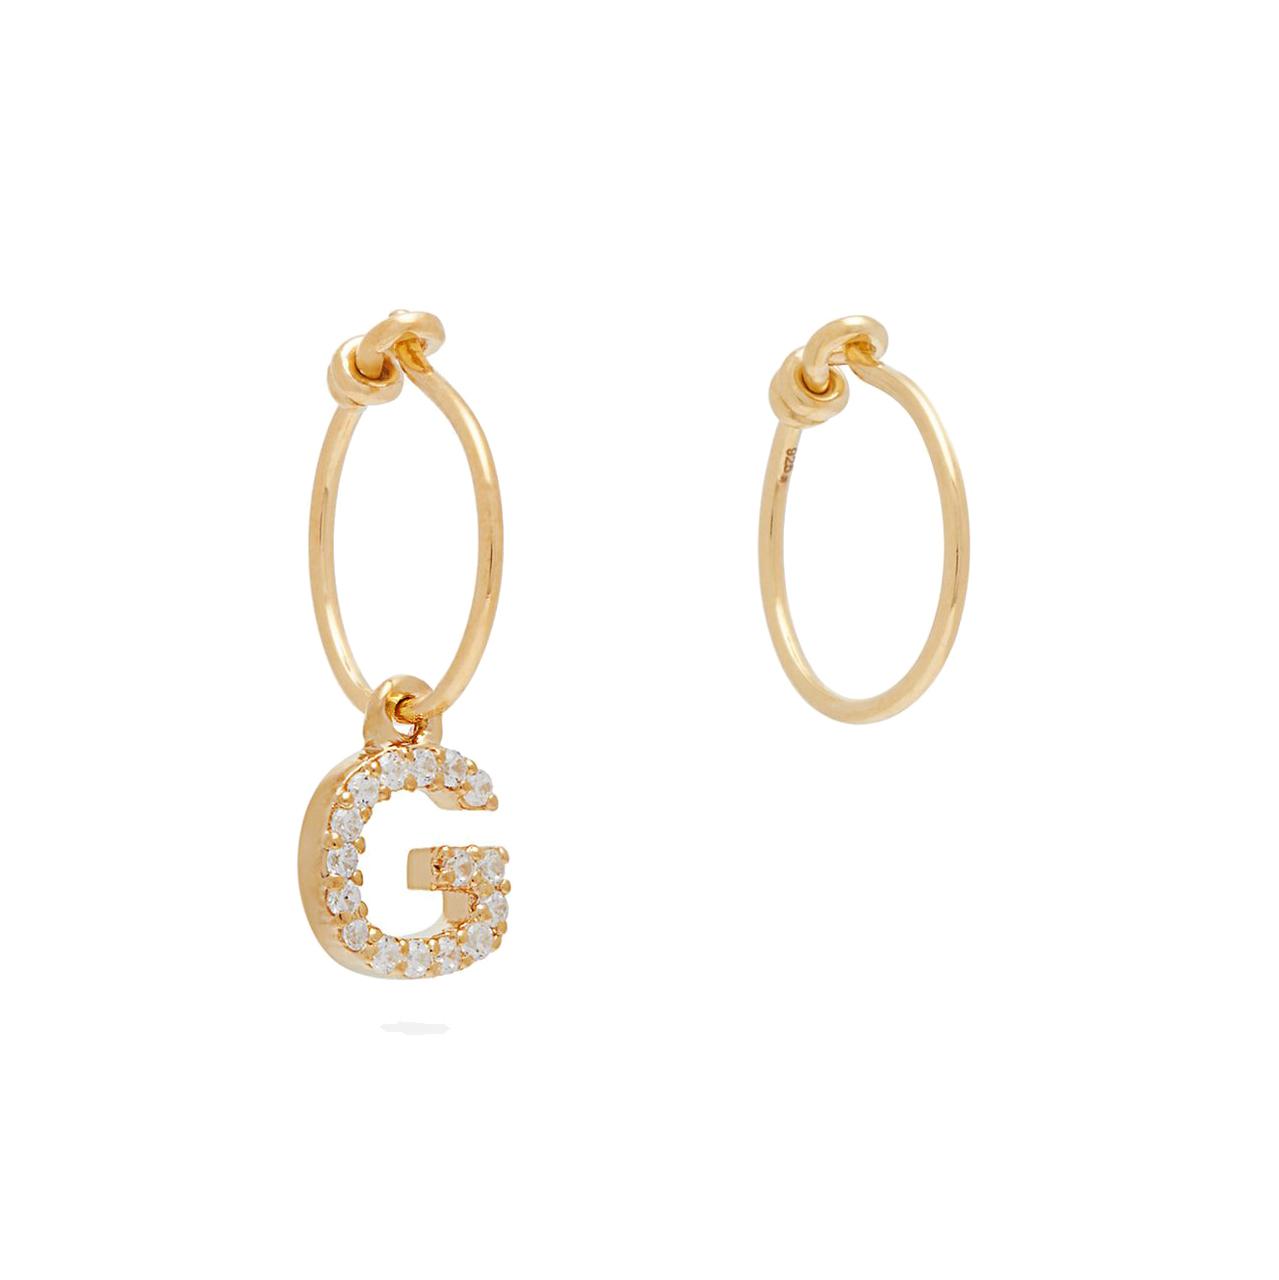 Theodora Warre Mismatched Hoop Earrings